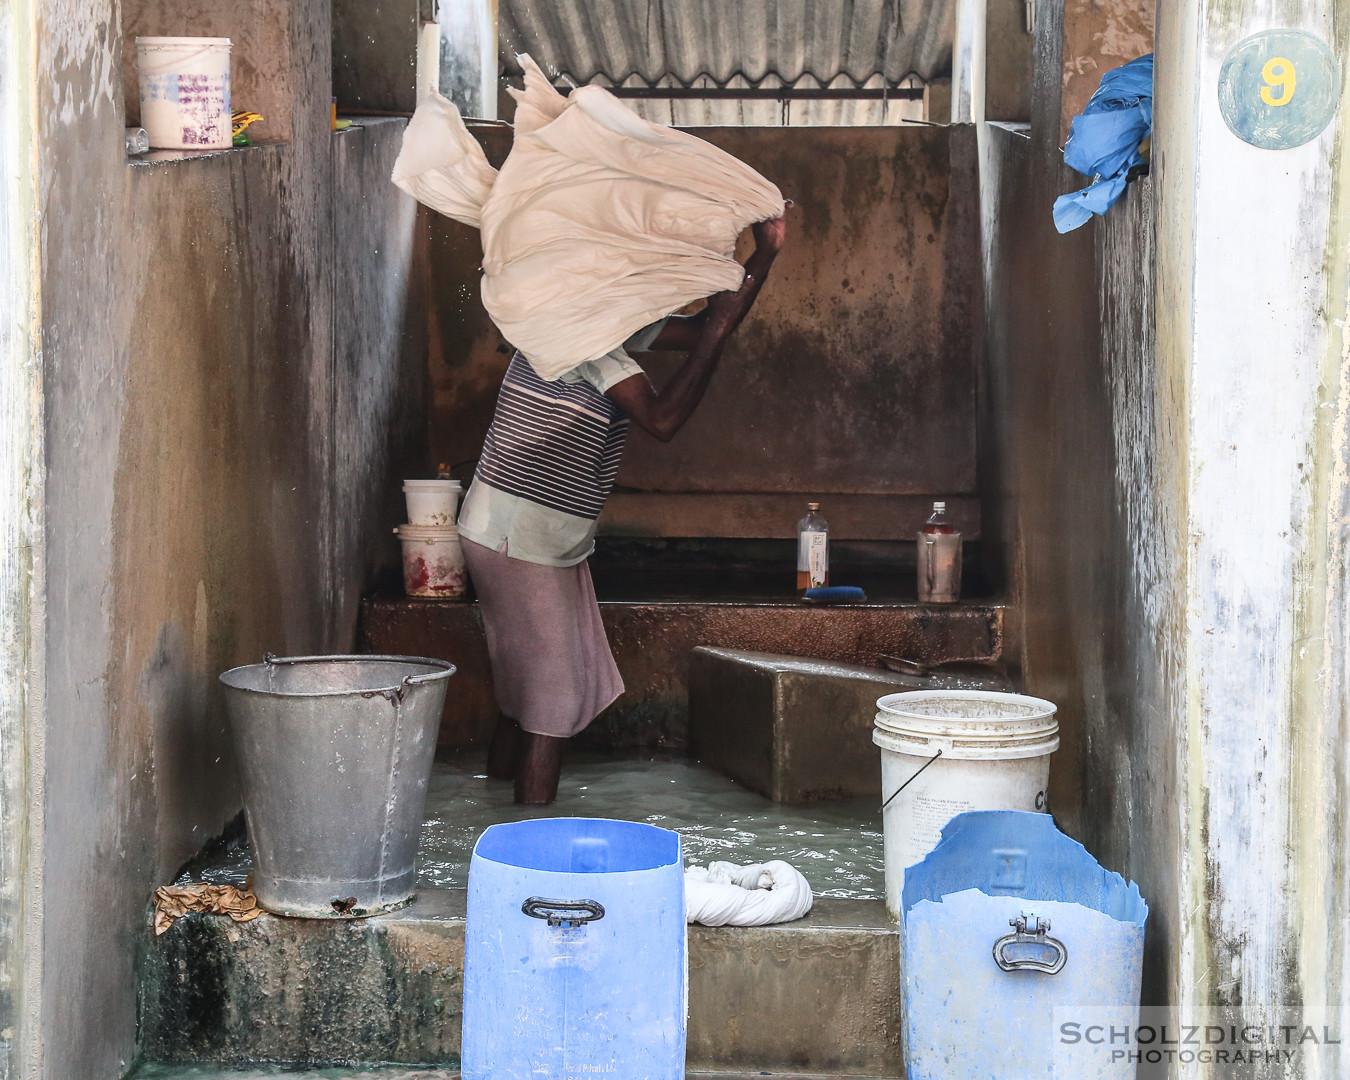 Mann wäscht Wäsche in einer Kabine